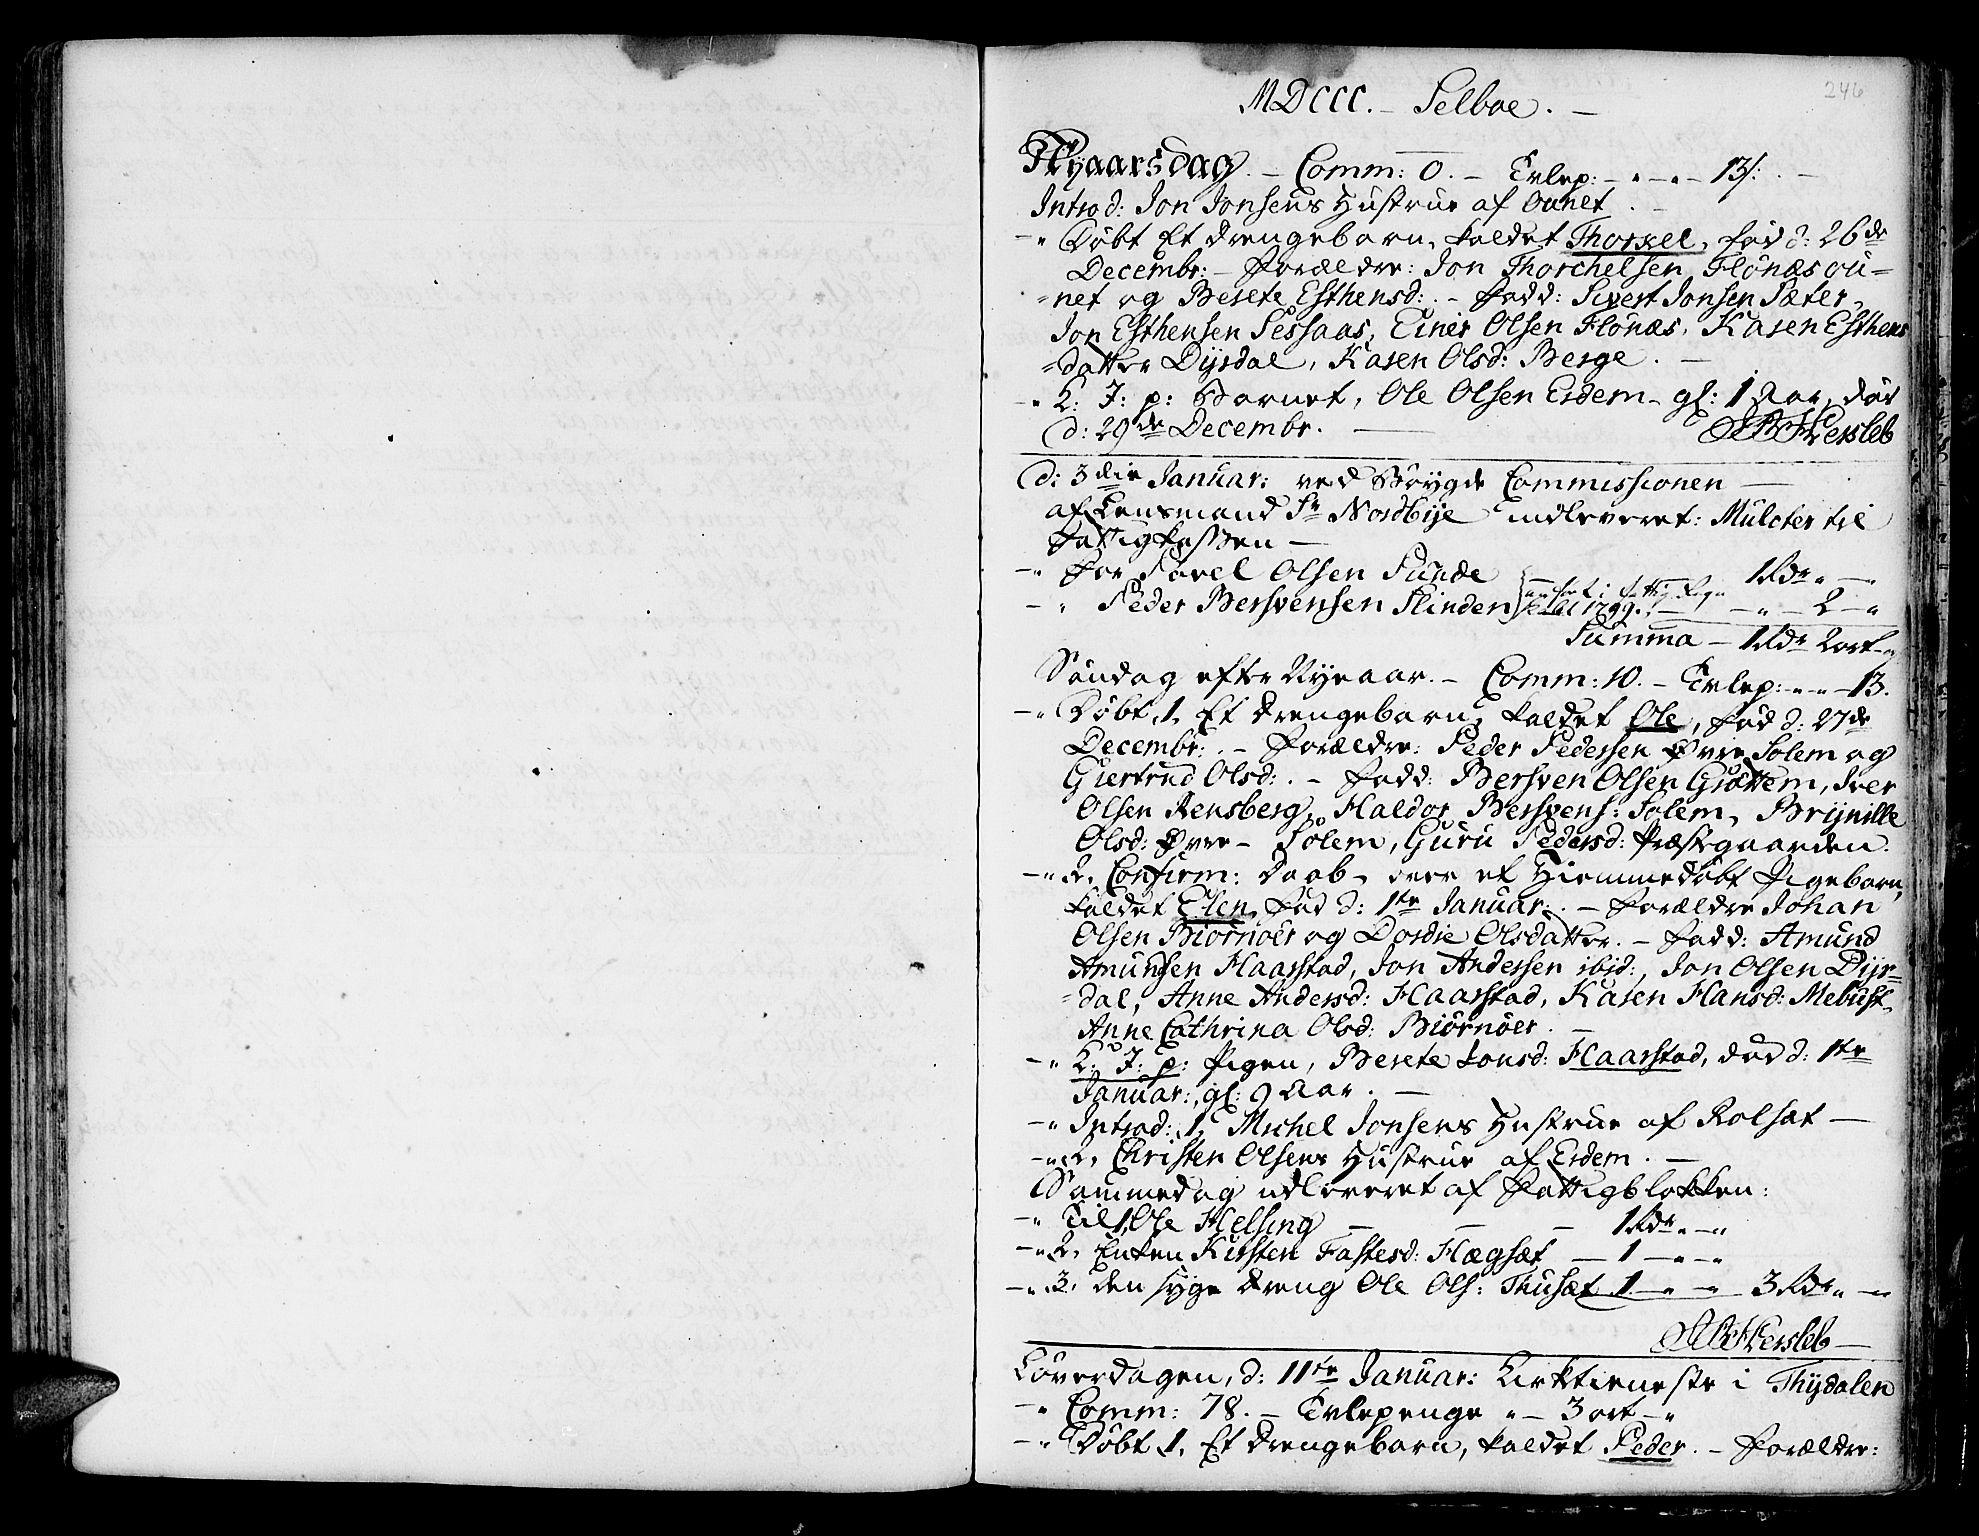 SAT, Ministerialprotokoller, klokkerbøker og fødselsregistre - Sør-Trøndelag, 695/L1138: Ministerialbok nr. 695A02 /1, 1757-1801, s. 246